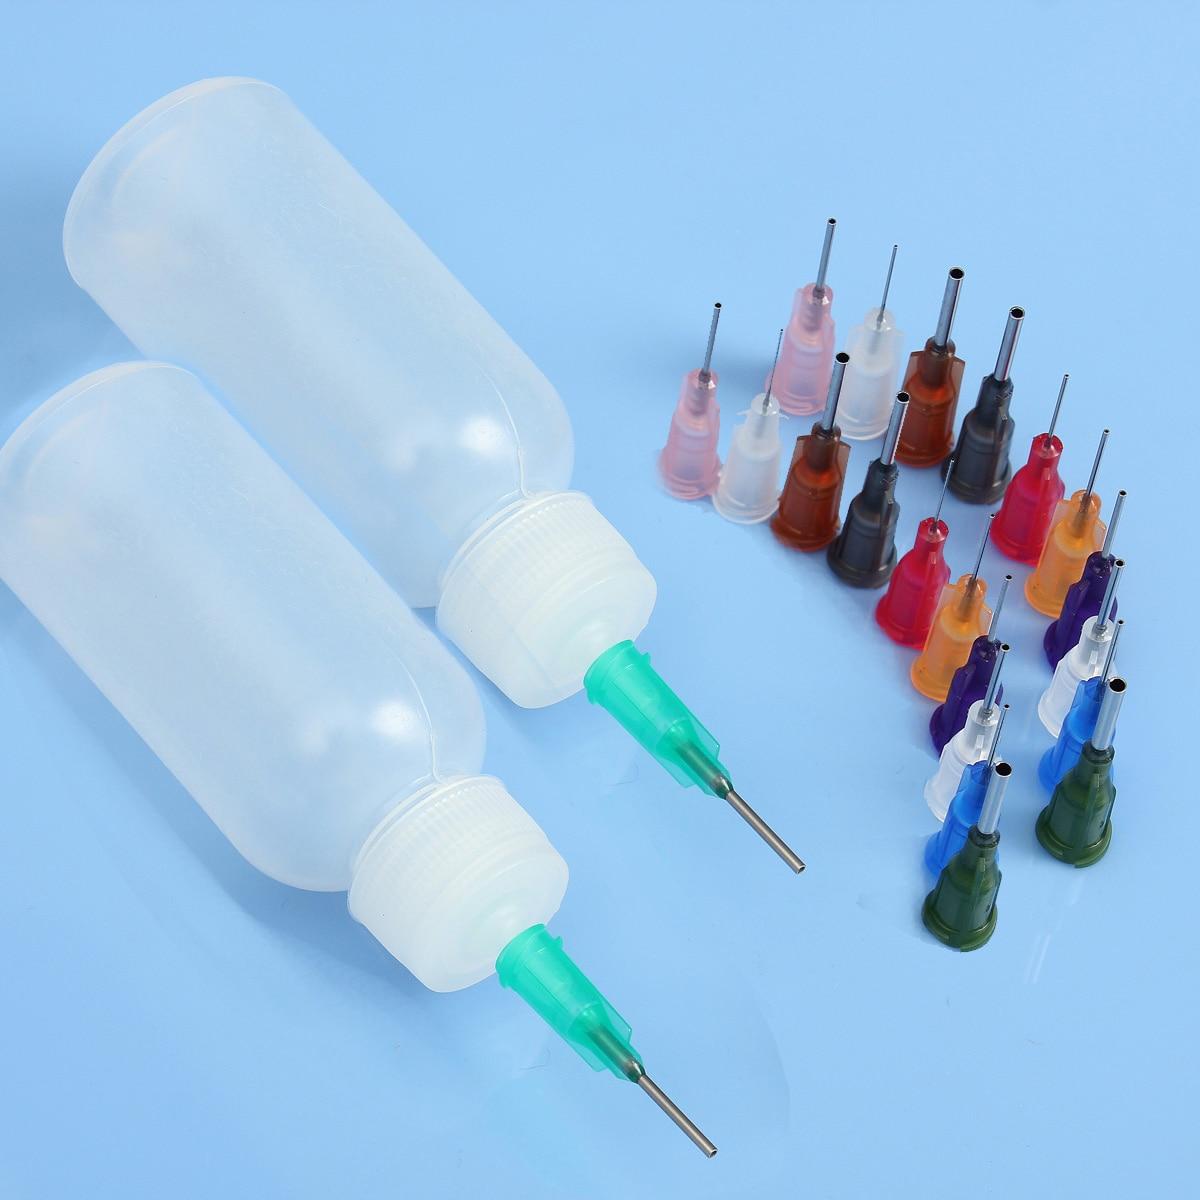 FORGELO 30ml Transparent Polyethylene Needle Dispenser Dispensing Bottle For Rosin Solder Flux Paste + 11 Needles Tools